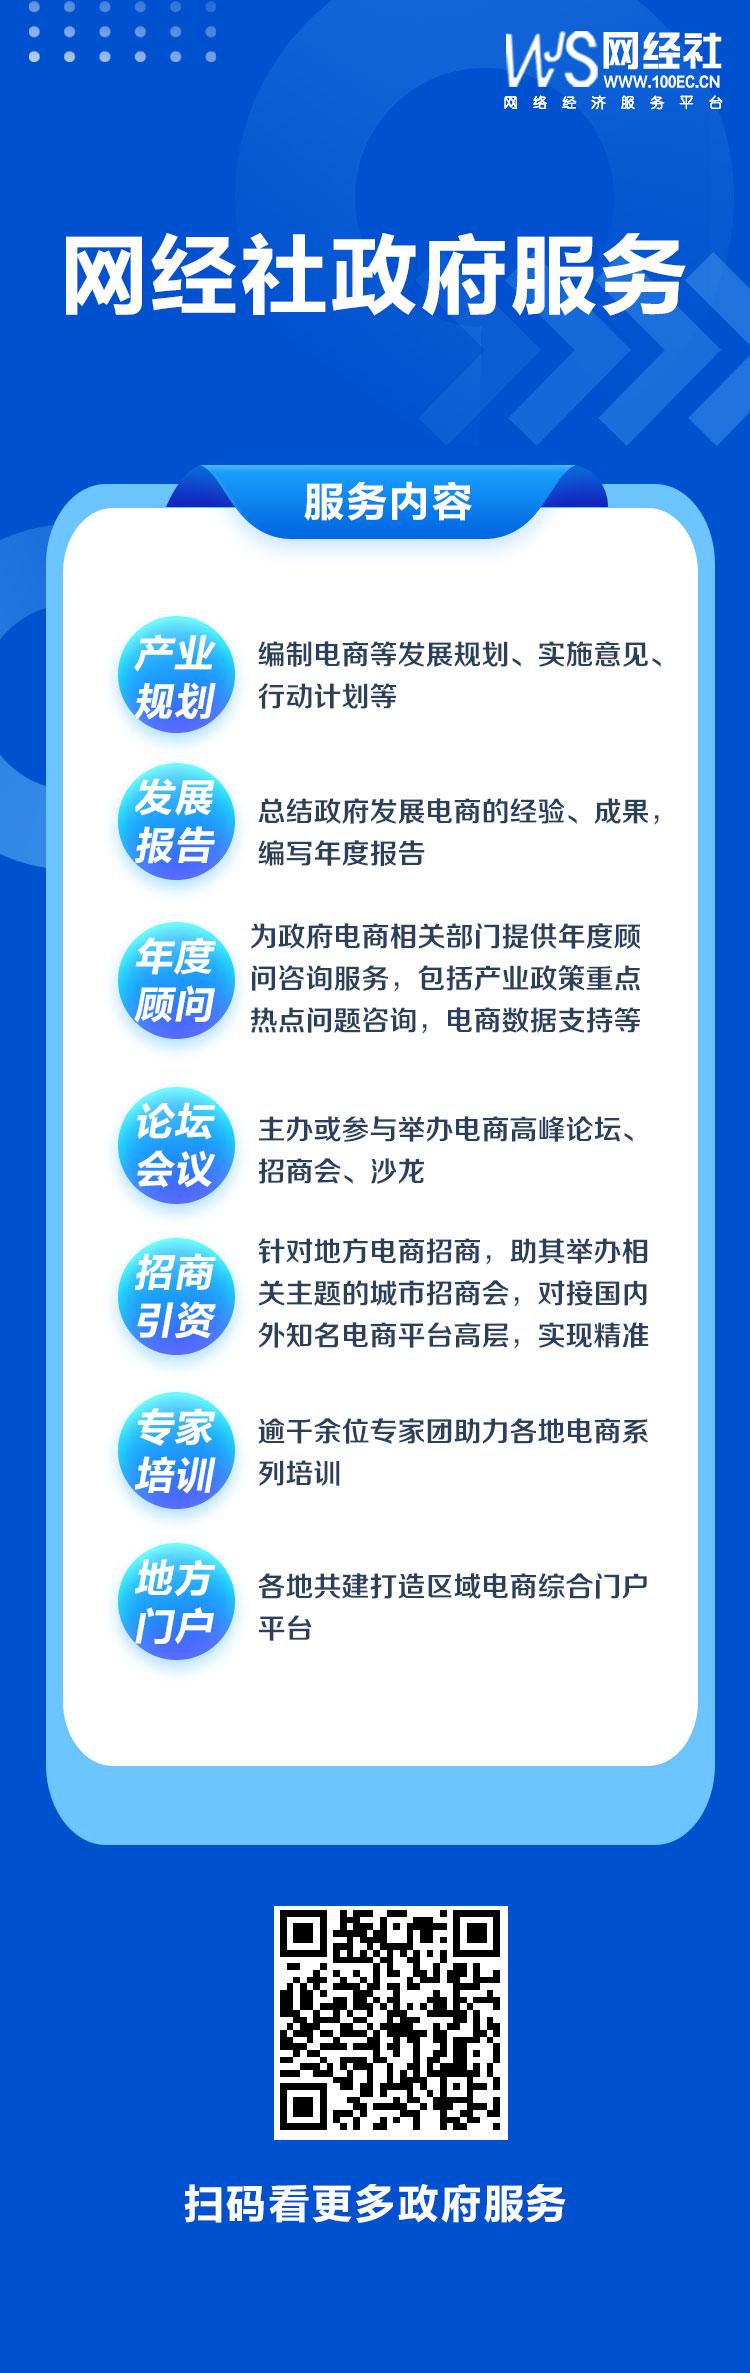 网经社政府服务(2).jpg